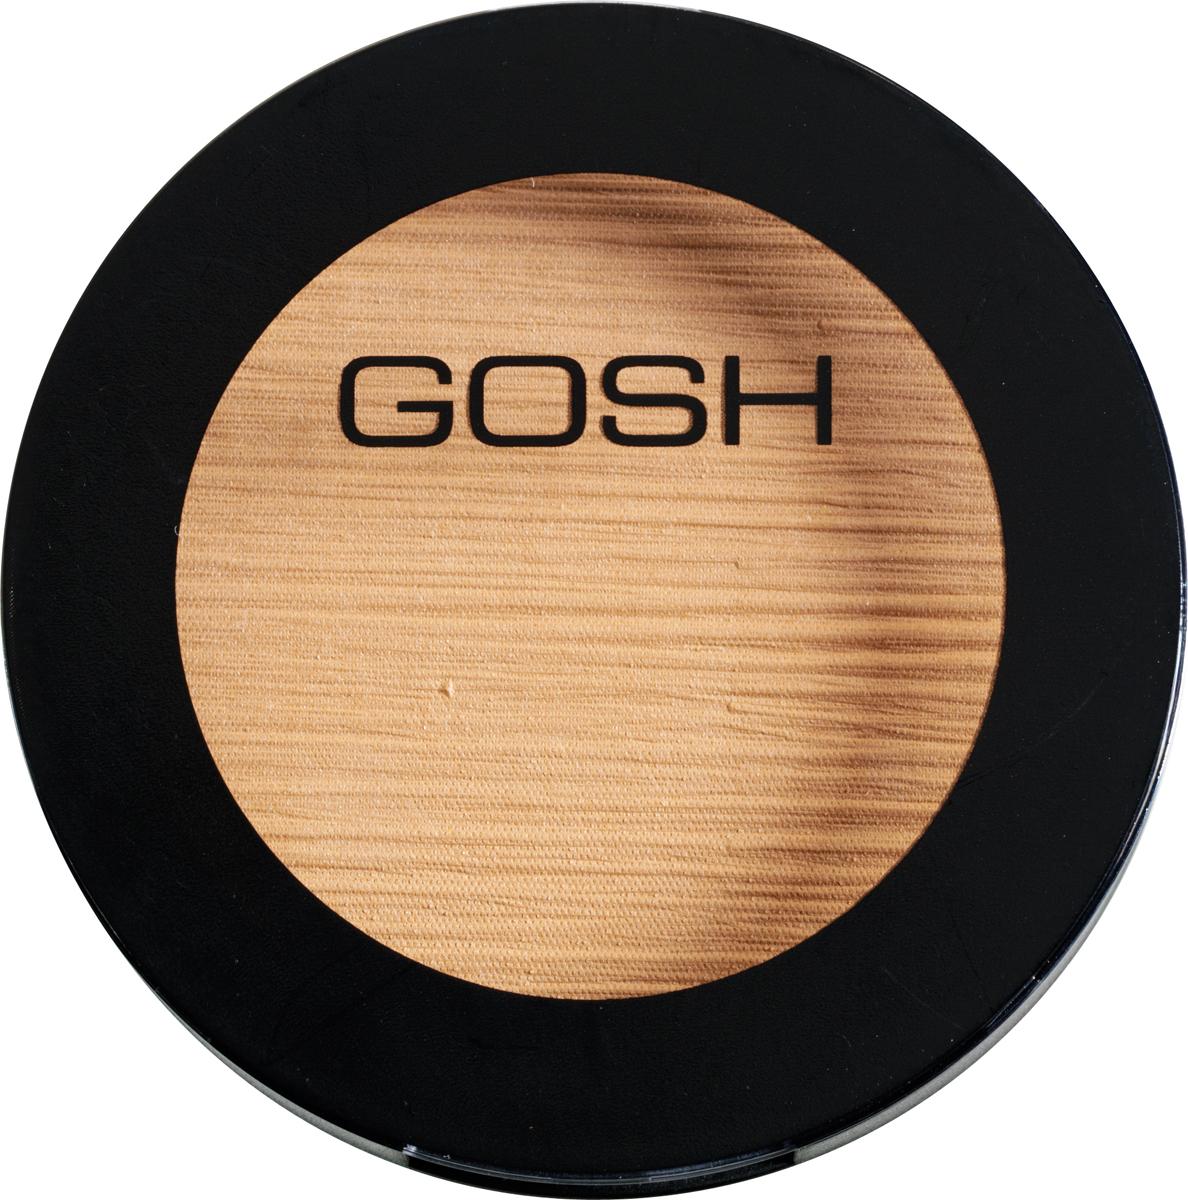 Gosh Пудра компактная для лица с эффектом загара Bronzing Powder, 10 г, 025701278615587Придать коже волшебный оттенок загара в любое время года, при этом замаскировав все небольшие дефекты, под силу эксклюзивной бронзирующей пудре Bronzing Powder от датской компании Gosh. Эта умопомрачительная компактная пудра позволит вам всего лишь после нескольких взмахов кисти или спонжа наполнить кожу максимально естественным и очень соблазнительным бронзовым оттенком, который станет идеальным завершением как изысканного дневного, так и волнующего вечернего мейкапа.Бронзирующая пудра чрезвычайно легко наносится на кожный покров и совершенно не ощущается в течение дня. Благодаря ультранежной текстуре и мельчайшему помолу она мягко растушевывается и превосходно держится, не скатываясь и не оставляя некрасивых темных пятнышек. Она придает коже мягкий эффект загара, а также великолепно подчеркивает естественный румянец, делая лицо более нежным и чувственным.Представленная пудра от Gosh идеально подойдет для создания макияжа лица, полностью выровняв его текстуру и придав естественный загоревший оттенок. Также пудру можно наносить на зону декольте, шею, плечи и руки, таким образом создавая гармоничный и целостный образ. Способ применения: Нанесите пудру на чистую кожу лица или поверх основы для макияжа, круглой кистью или спонжем. Начинайте наносить с центра лба, двигаясь вниз по скулам до подбородка. Пройдите легонько по носу и щекам.